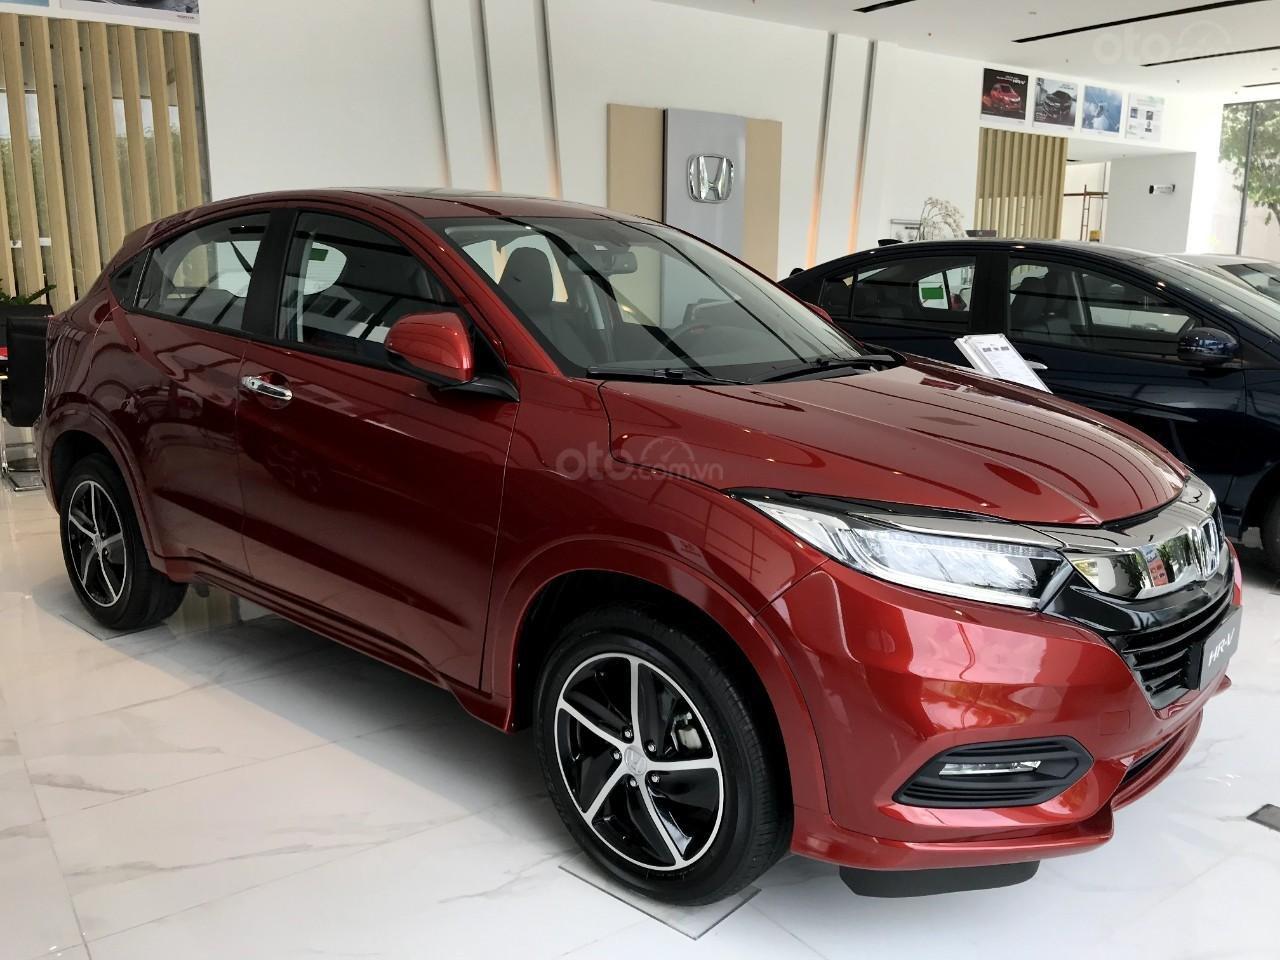 Honda oto Sài Gòn Quận 7, HR-V 2019, chỉ 250tr bạn đã có thể mang xe về nhà với nhiều gói quà tặng hấp dẫn (2)